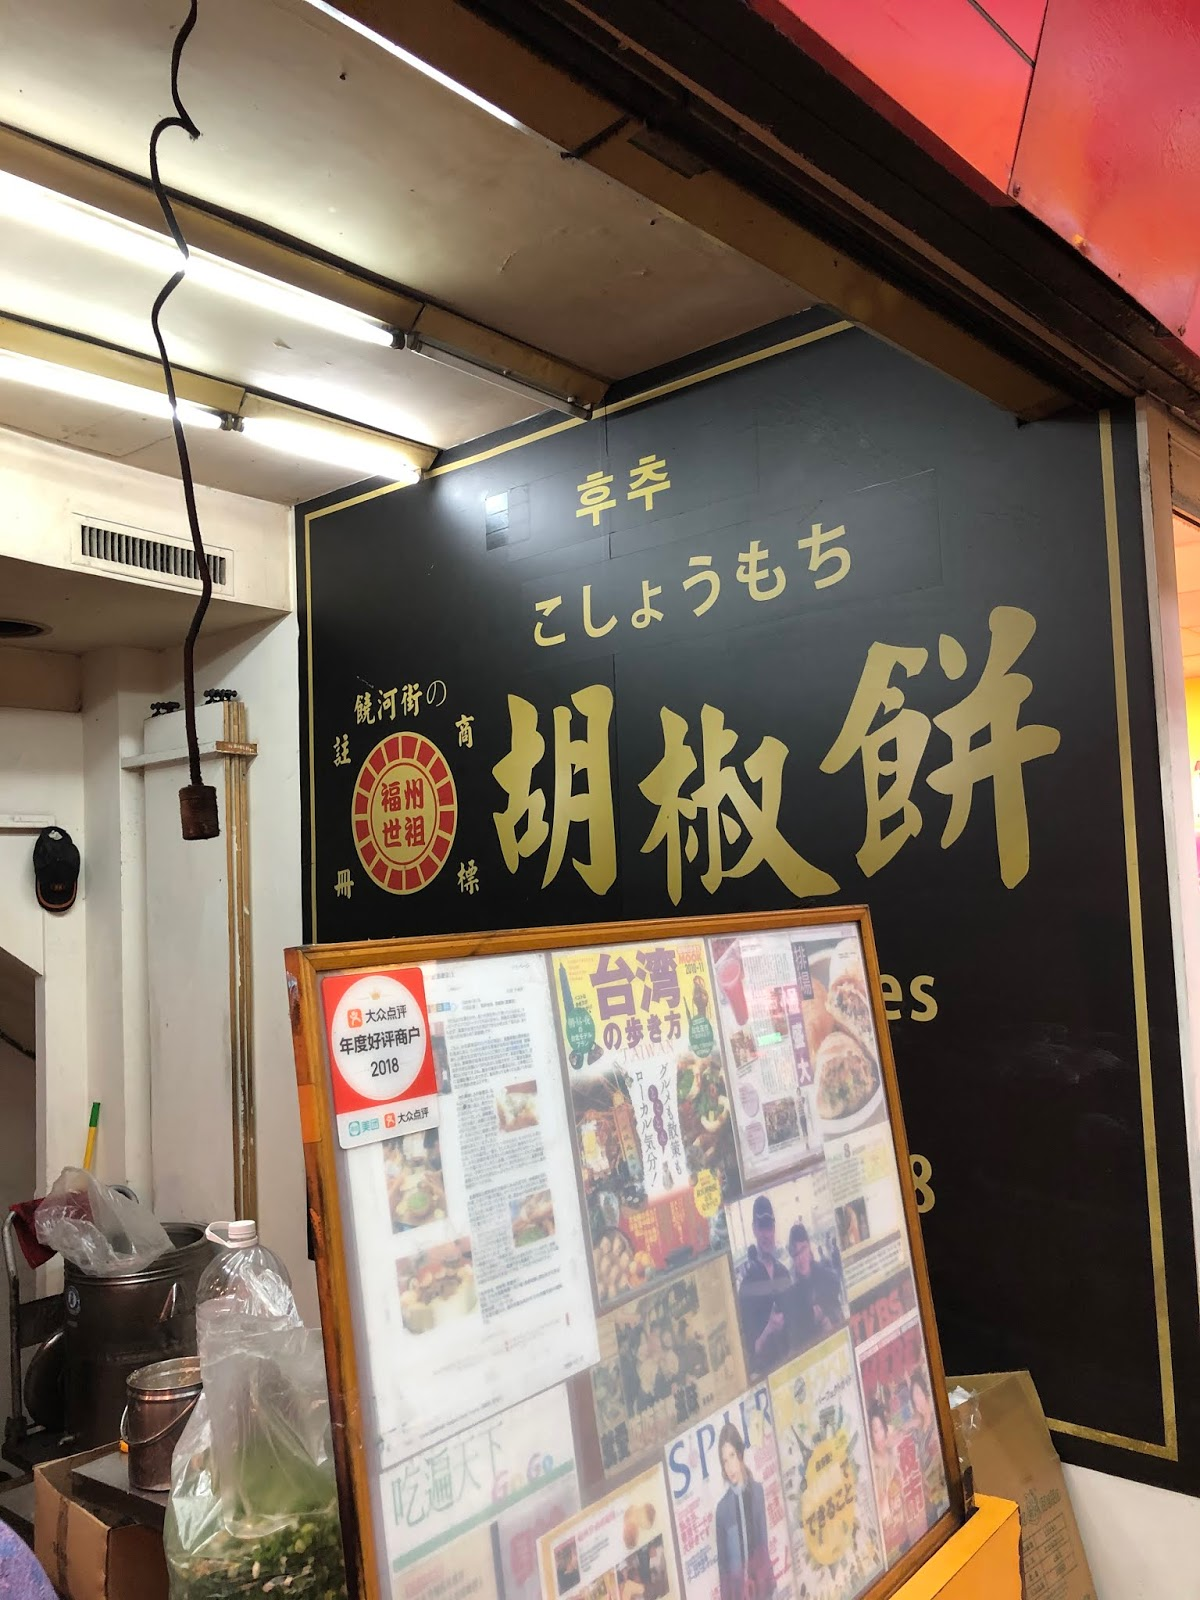 逸想天開: 臺北車站美食 福州世祖胡椒餅